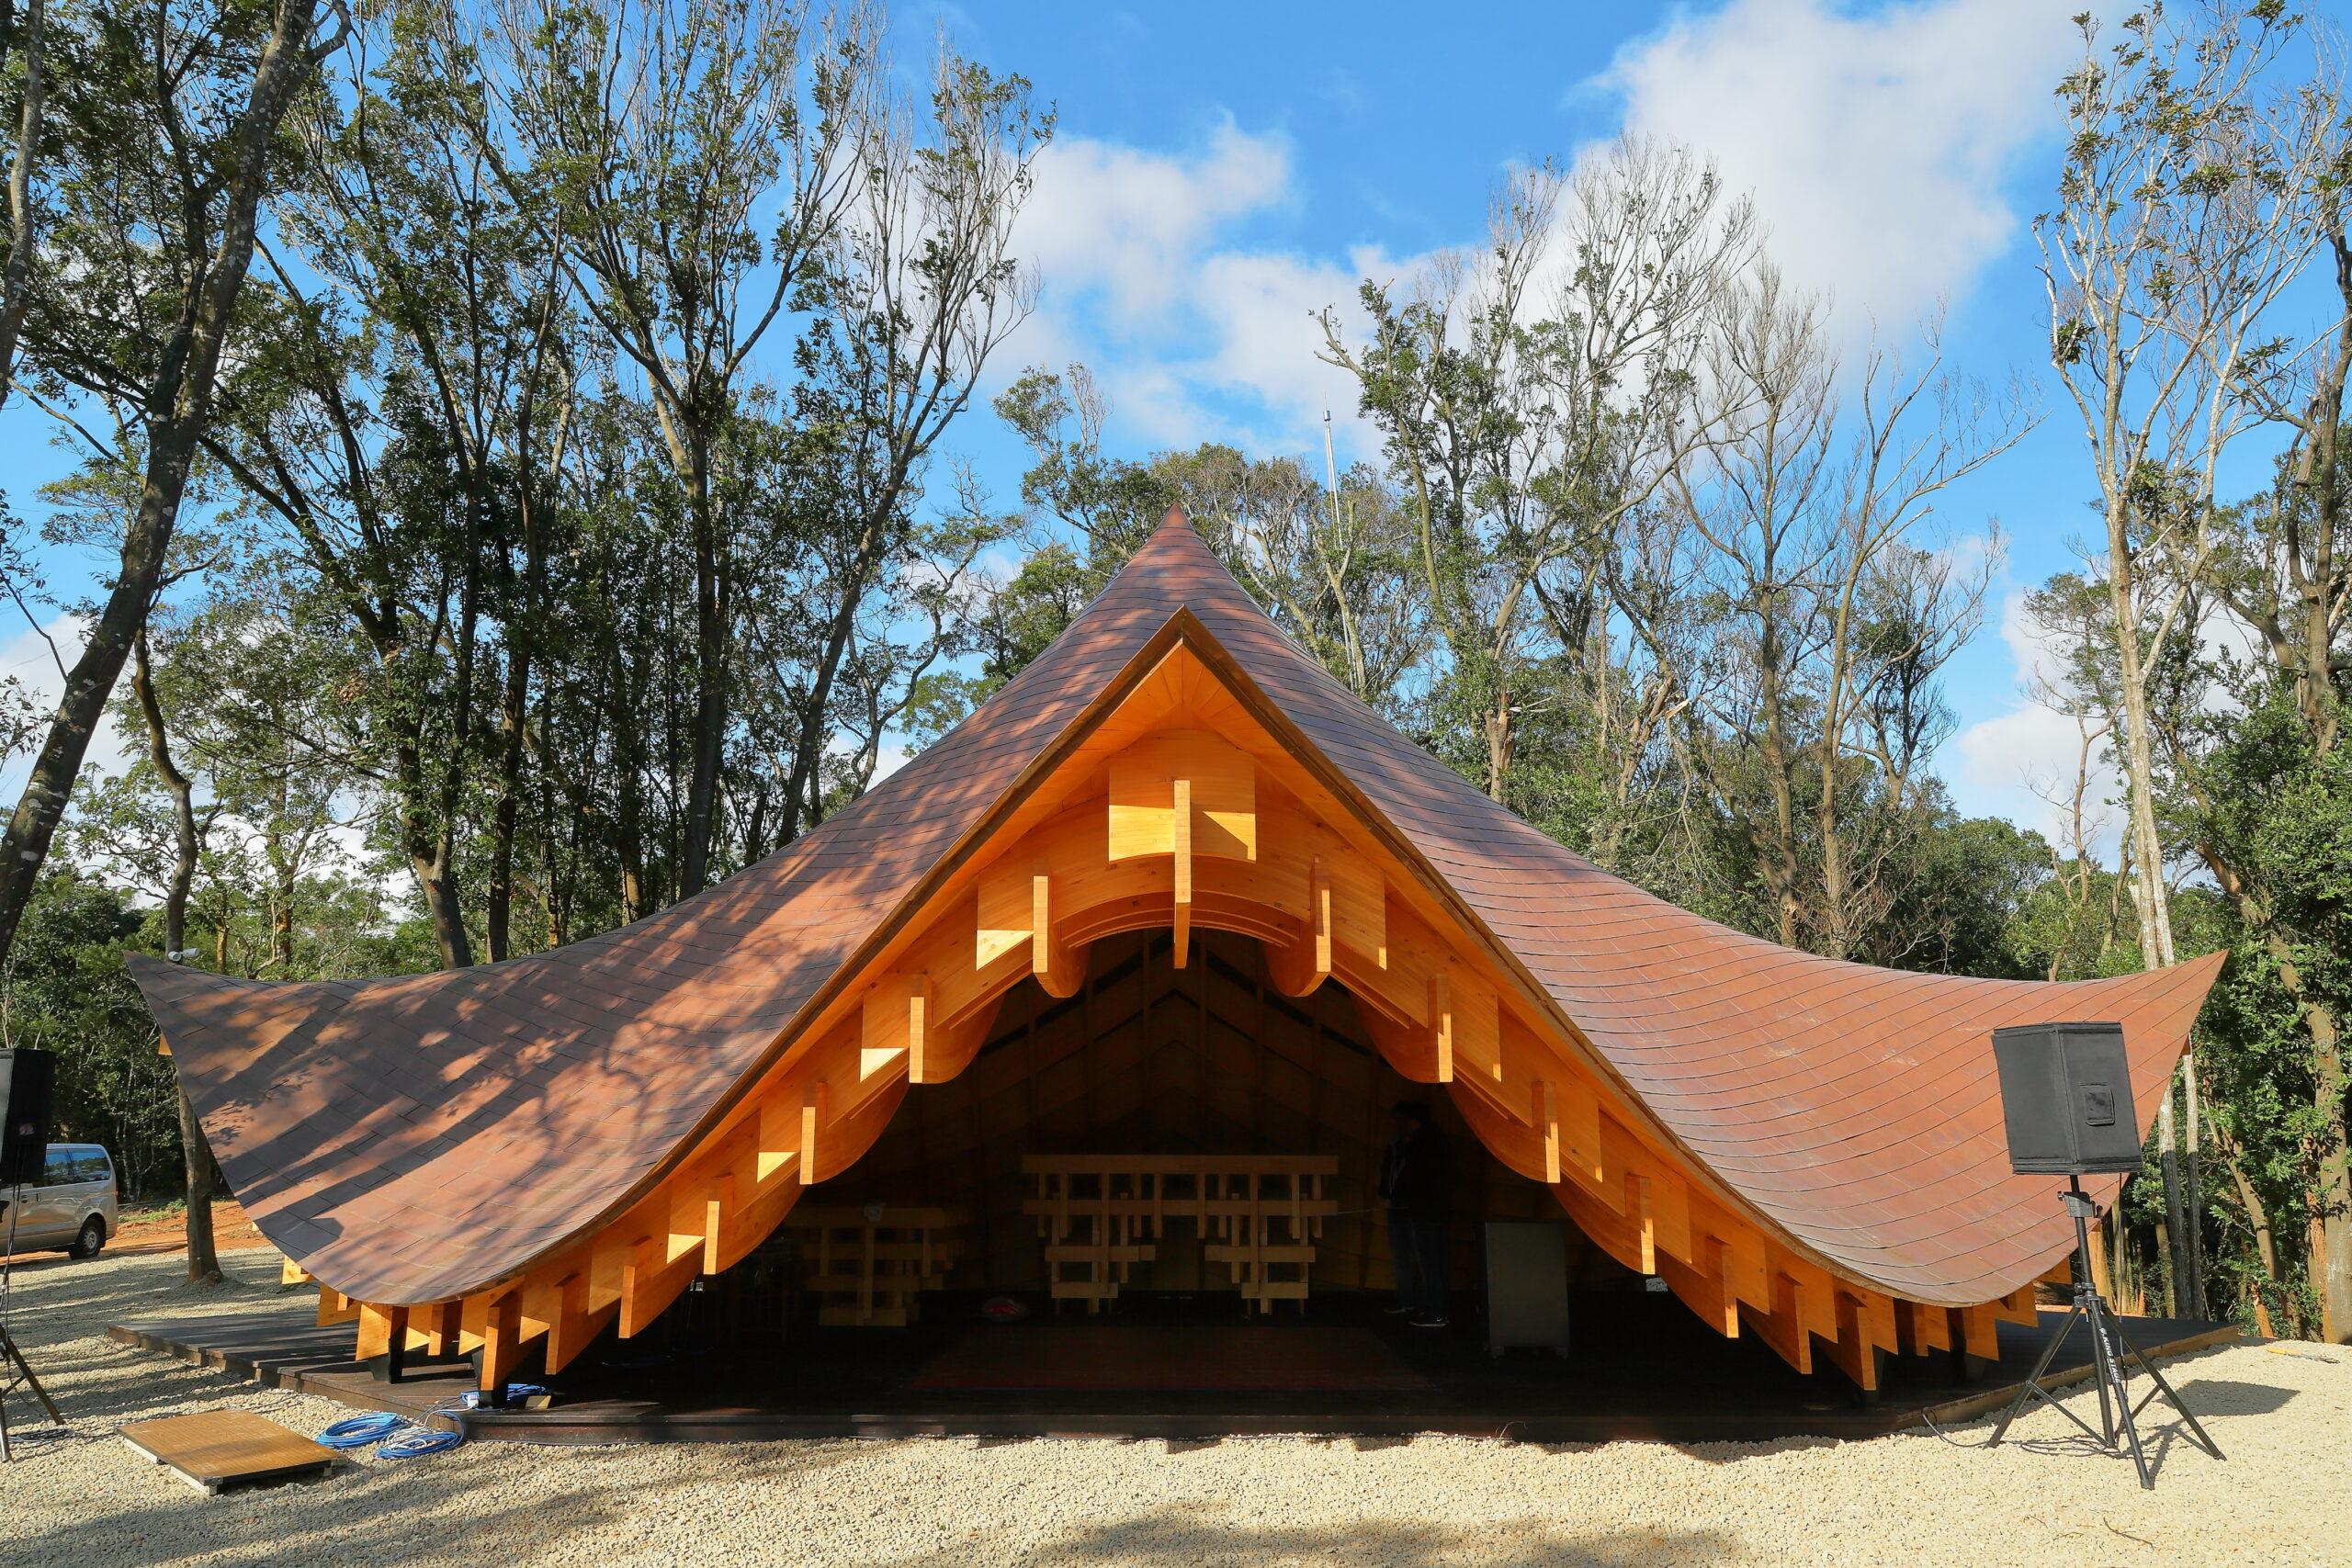 新竹包車一日遊-馬武督探索森林、青草湖、雲夢山丘